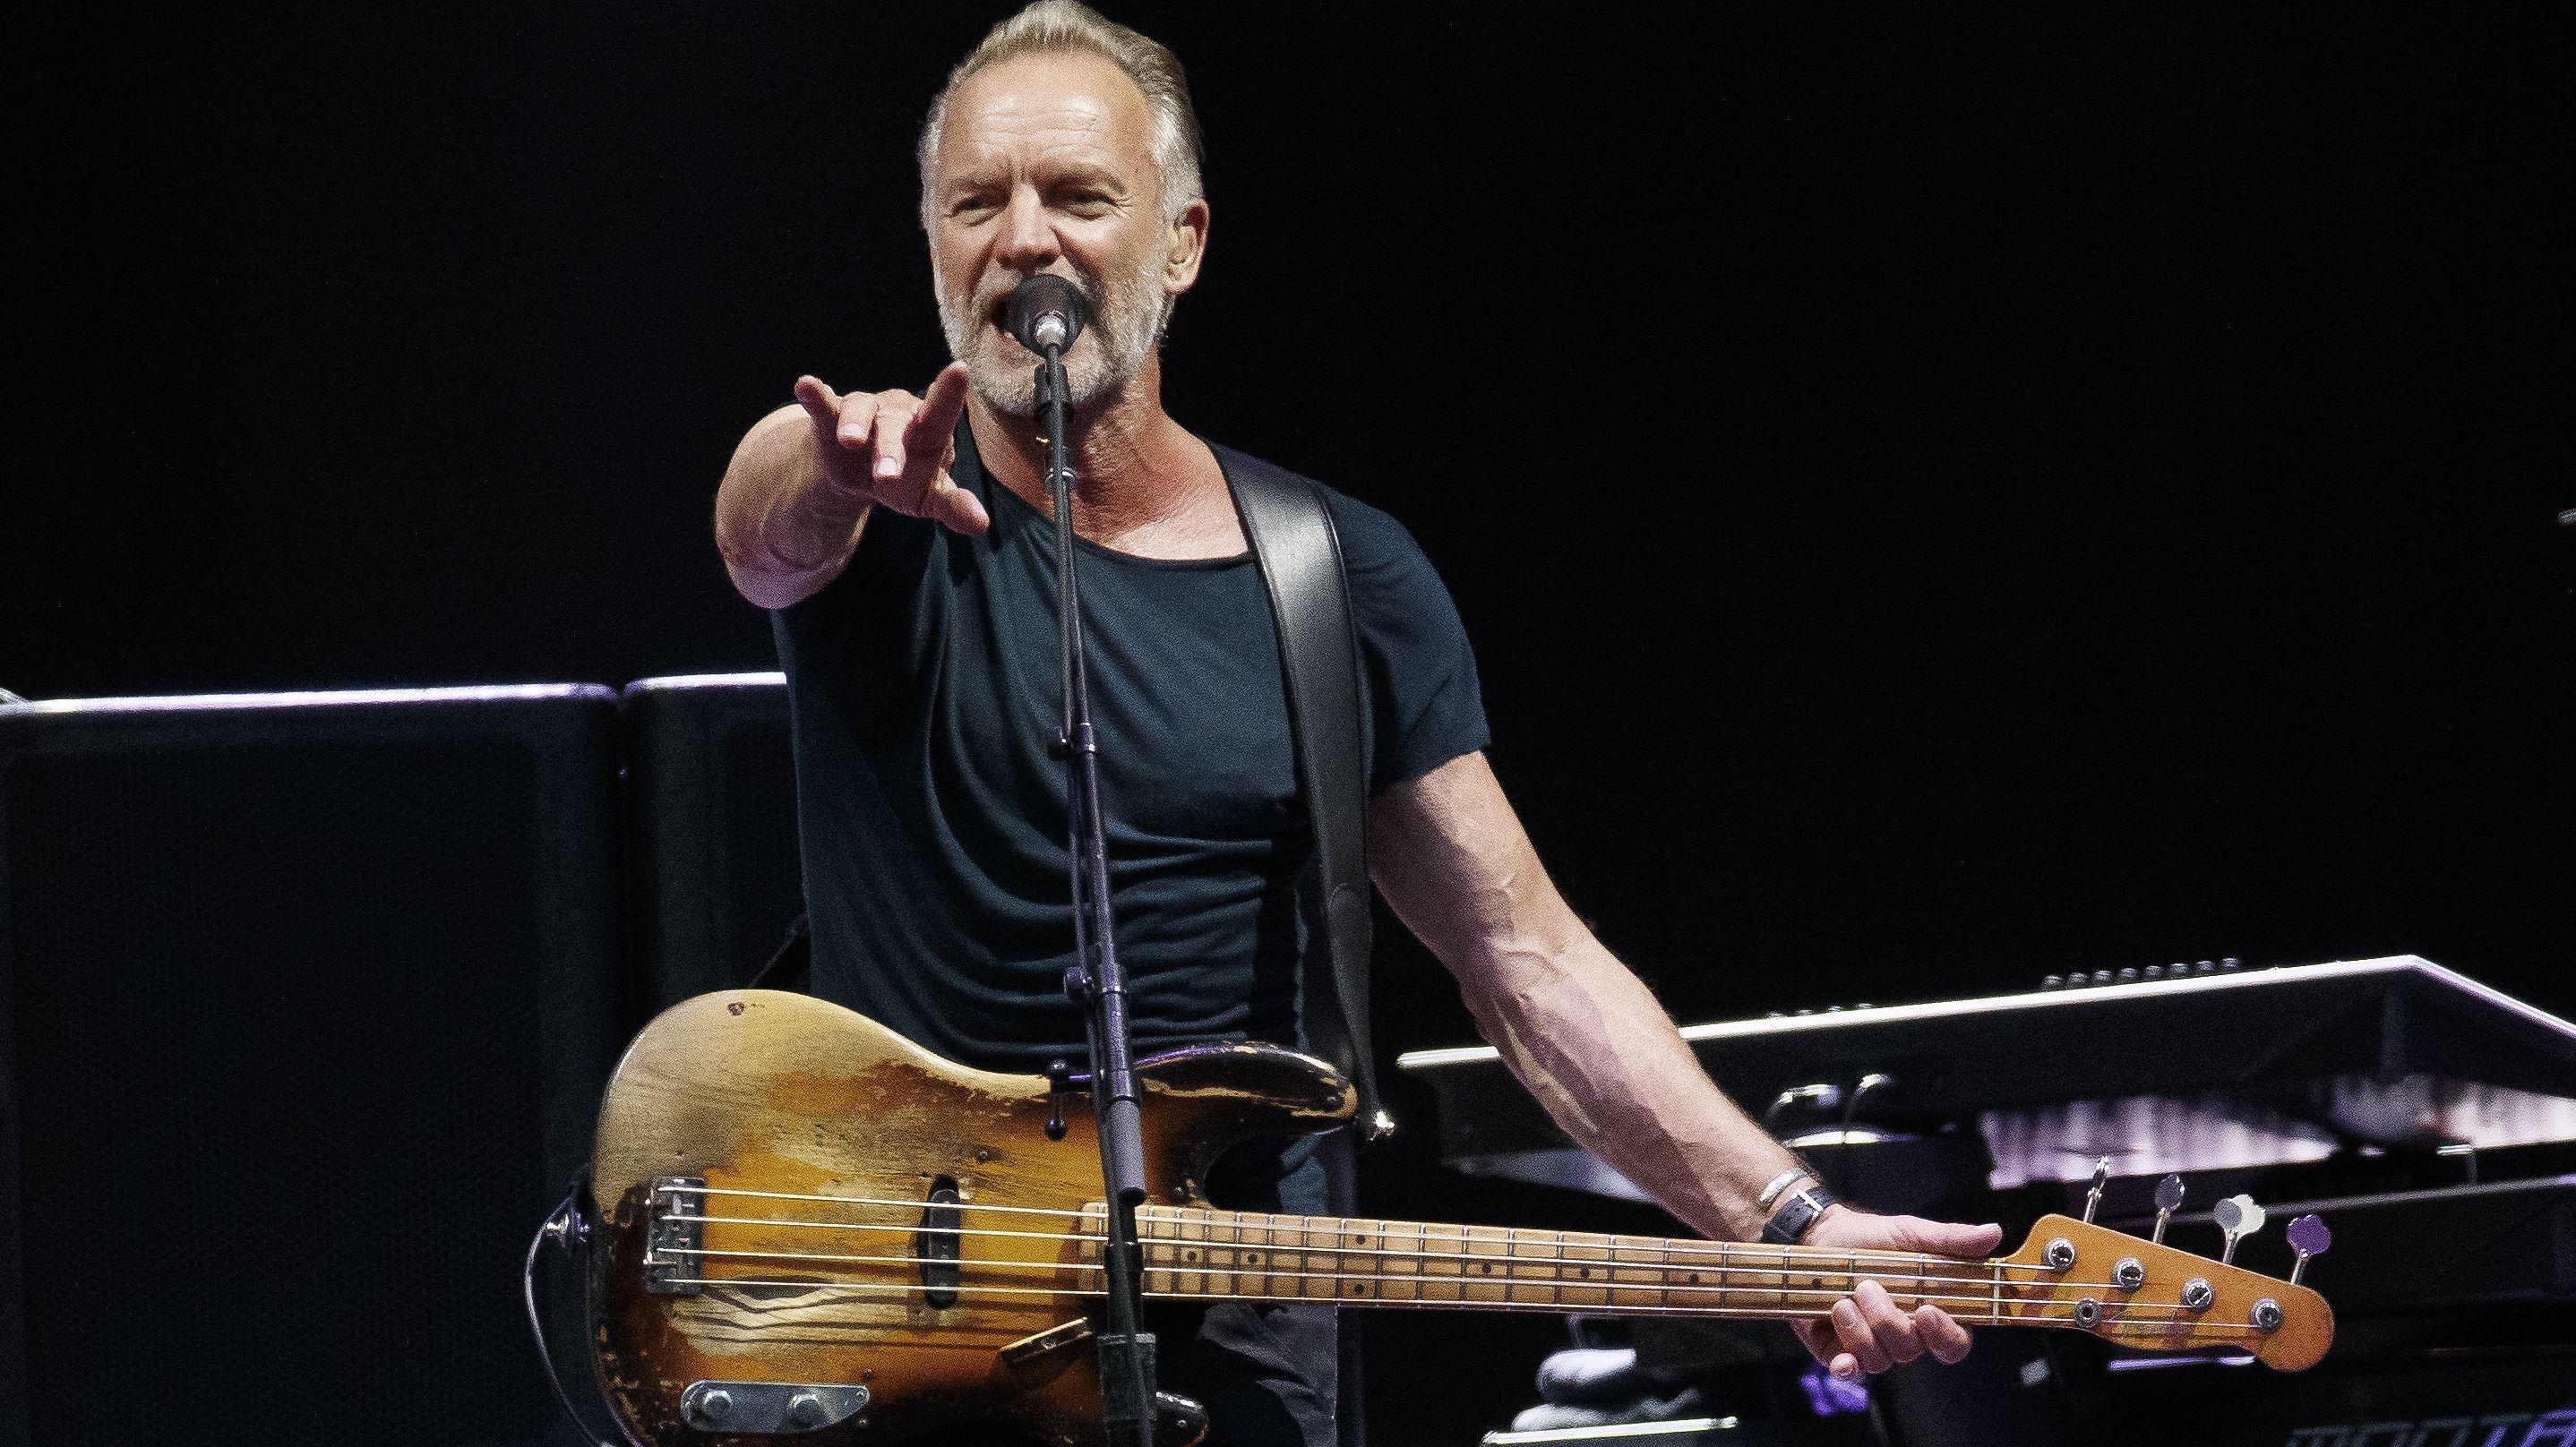 """04.07.2019, Österreich, Graz: Der Britische Sänger Sting performt während seiner """"My Songs""""-Tour"""